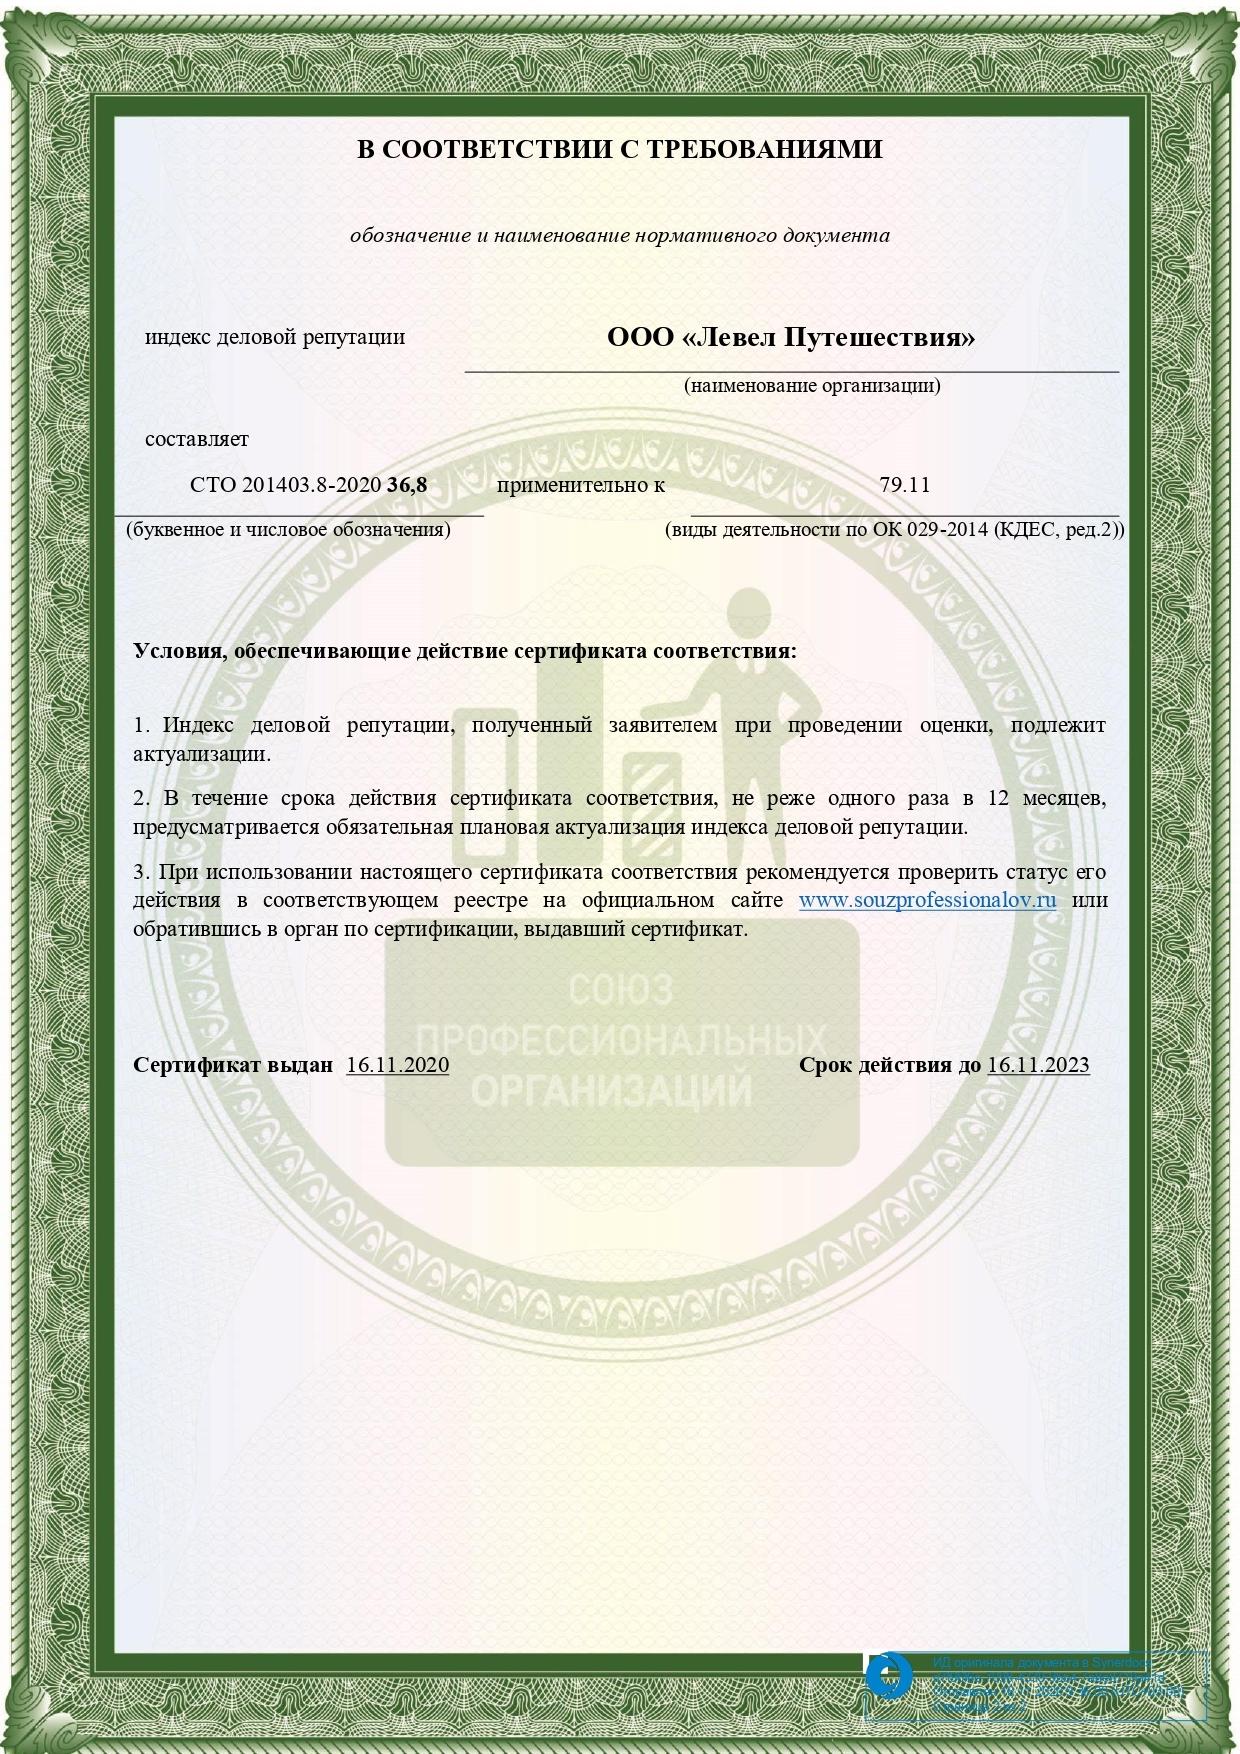 Сертификат СПО (SPO)